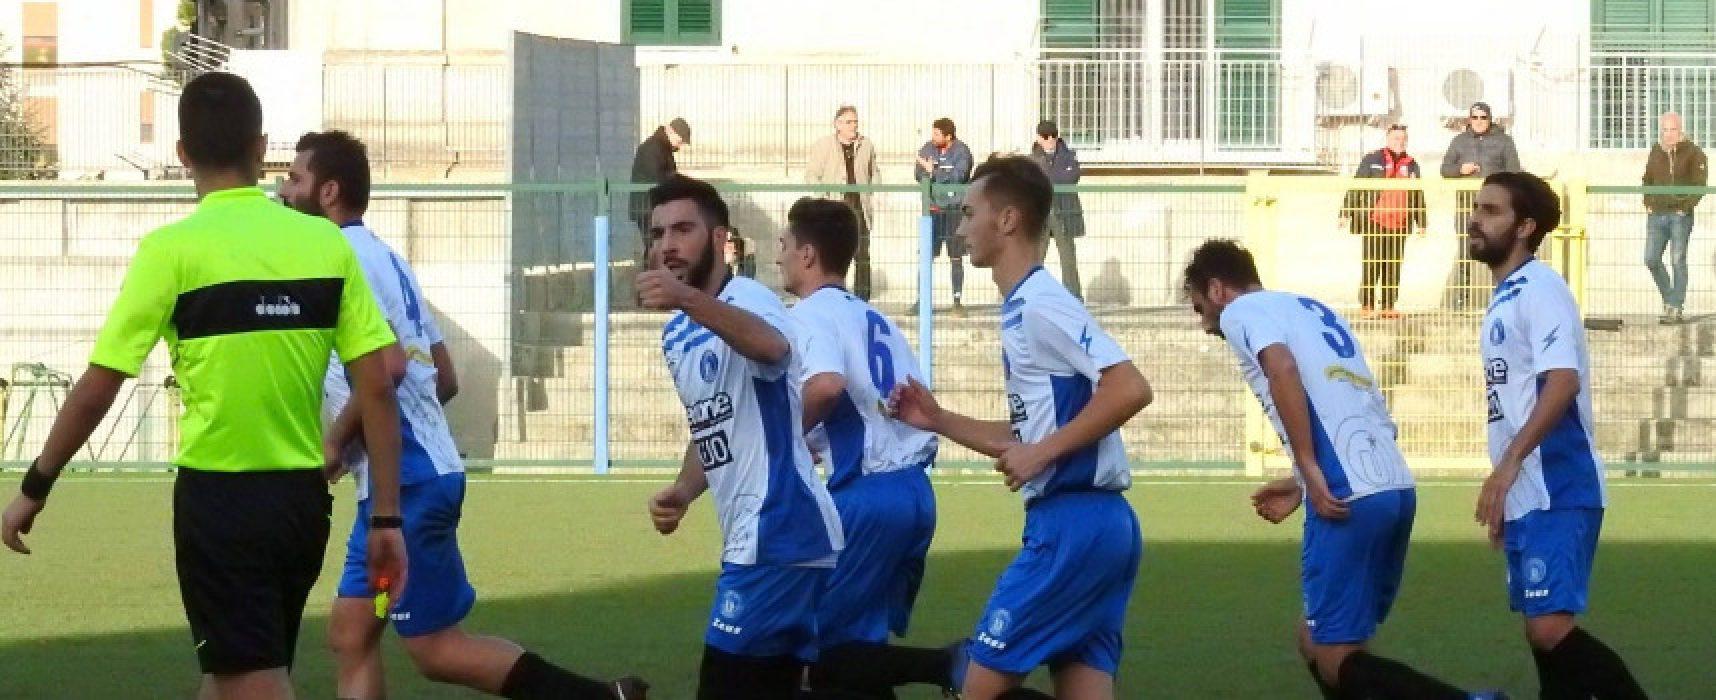 Unione Calcio di scena a Brindisi nell'ultimo turno del girone d'andata